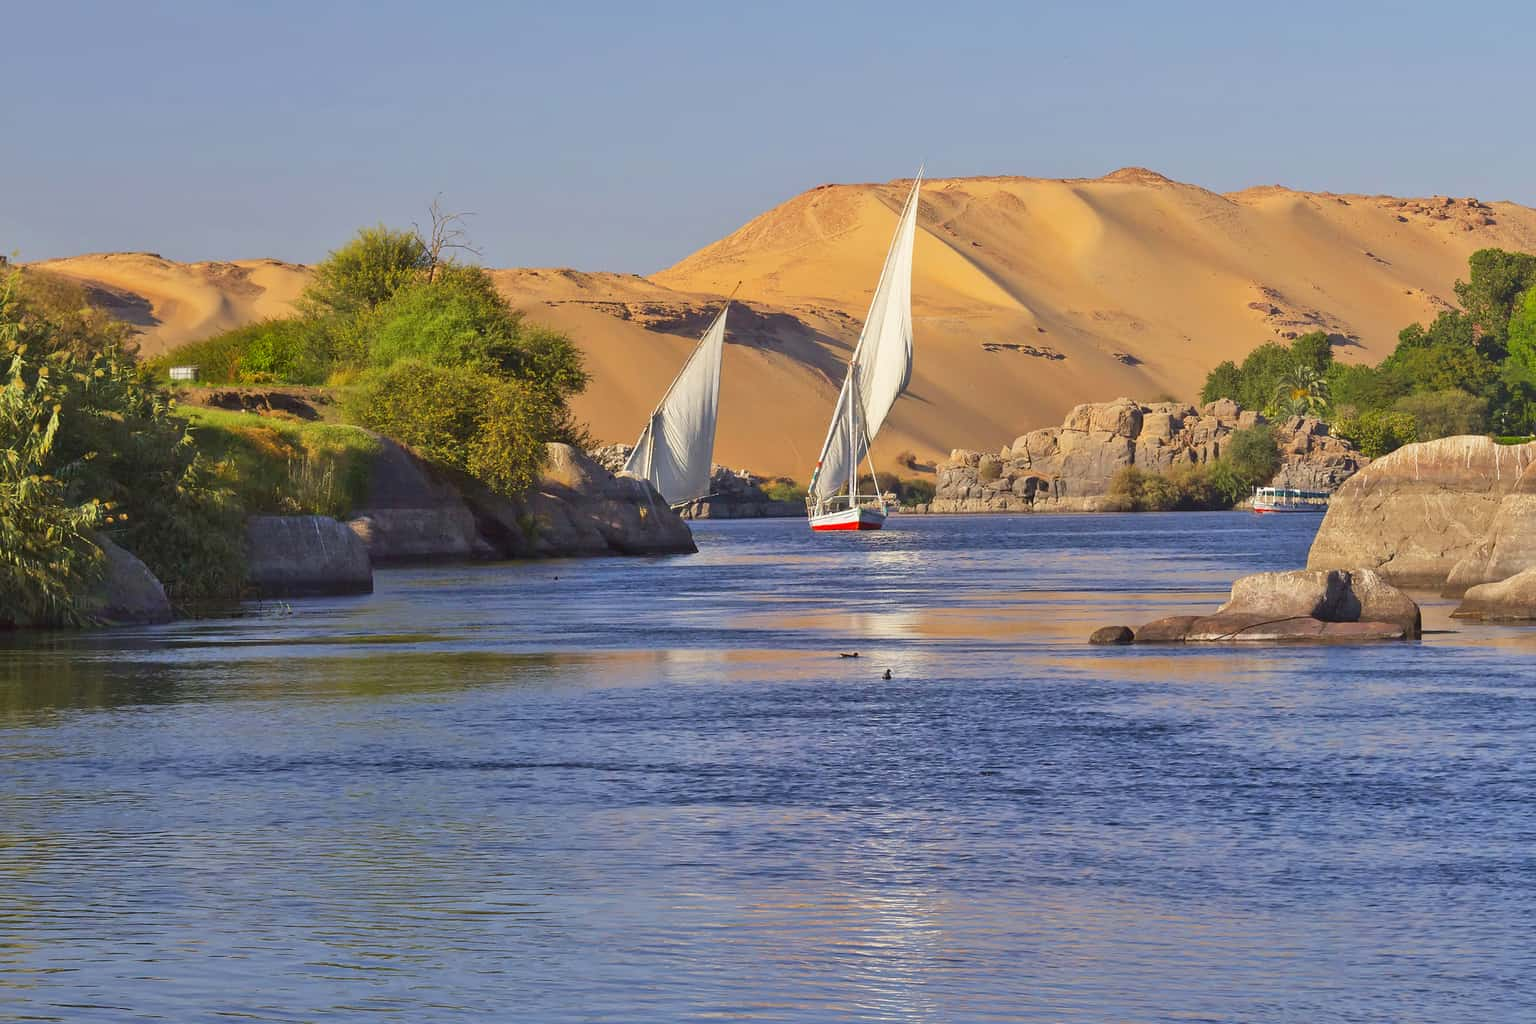 Além-de-emoldurar-o-cenário-do-Egito-o-Rio-Nilo-é-a-principal-fonte-de-vida-no-país-e-foi-fundamental-para-o-desenvolvimento-do-Império-egípcio.